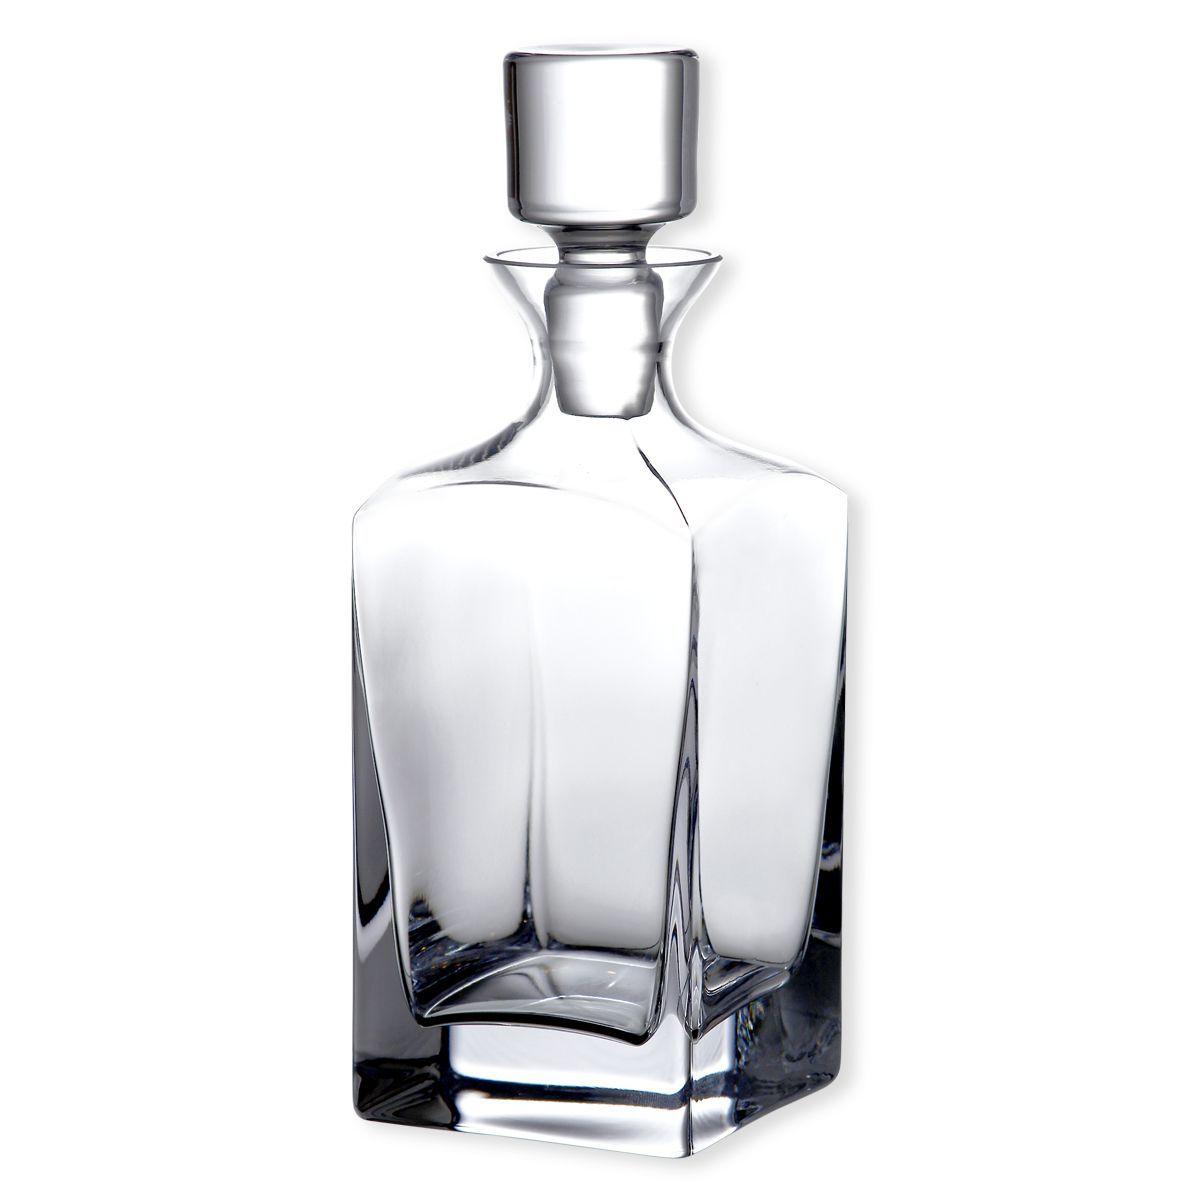 carafe whisky verre highlands bruno evrard cr ation. Black Bedroom Furniture Sets. Home Design Ideas